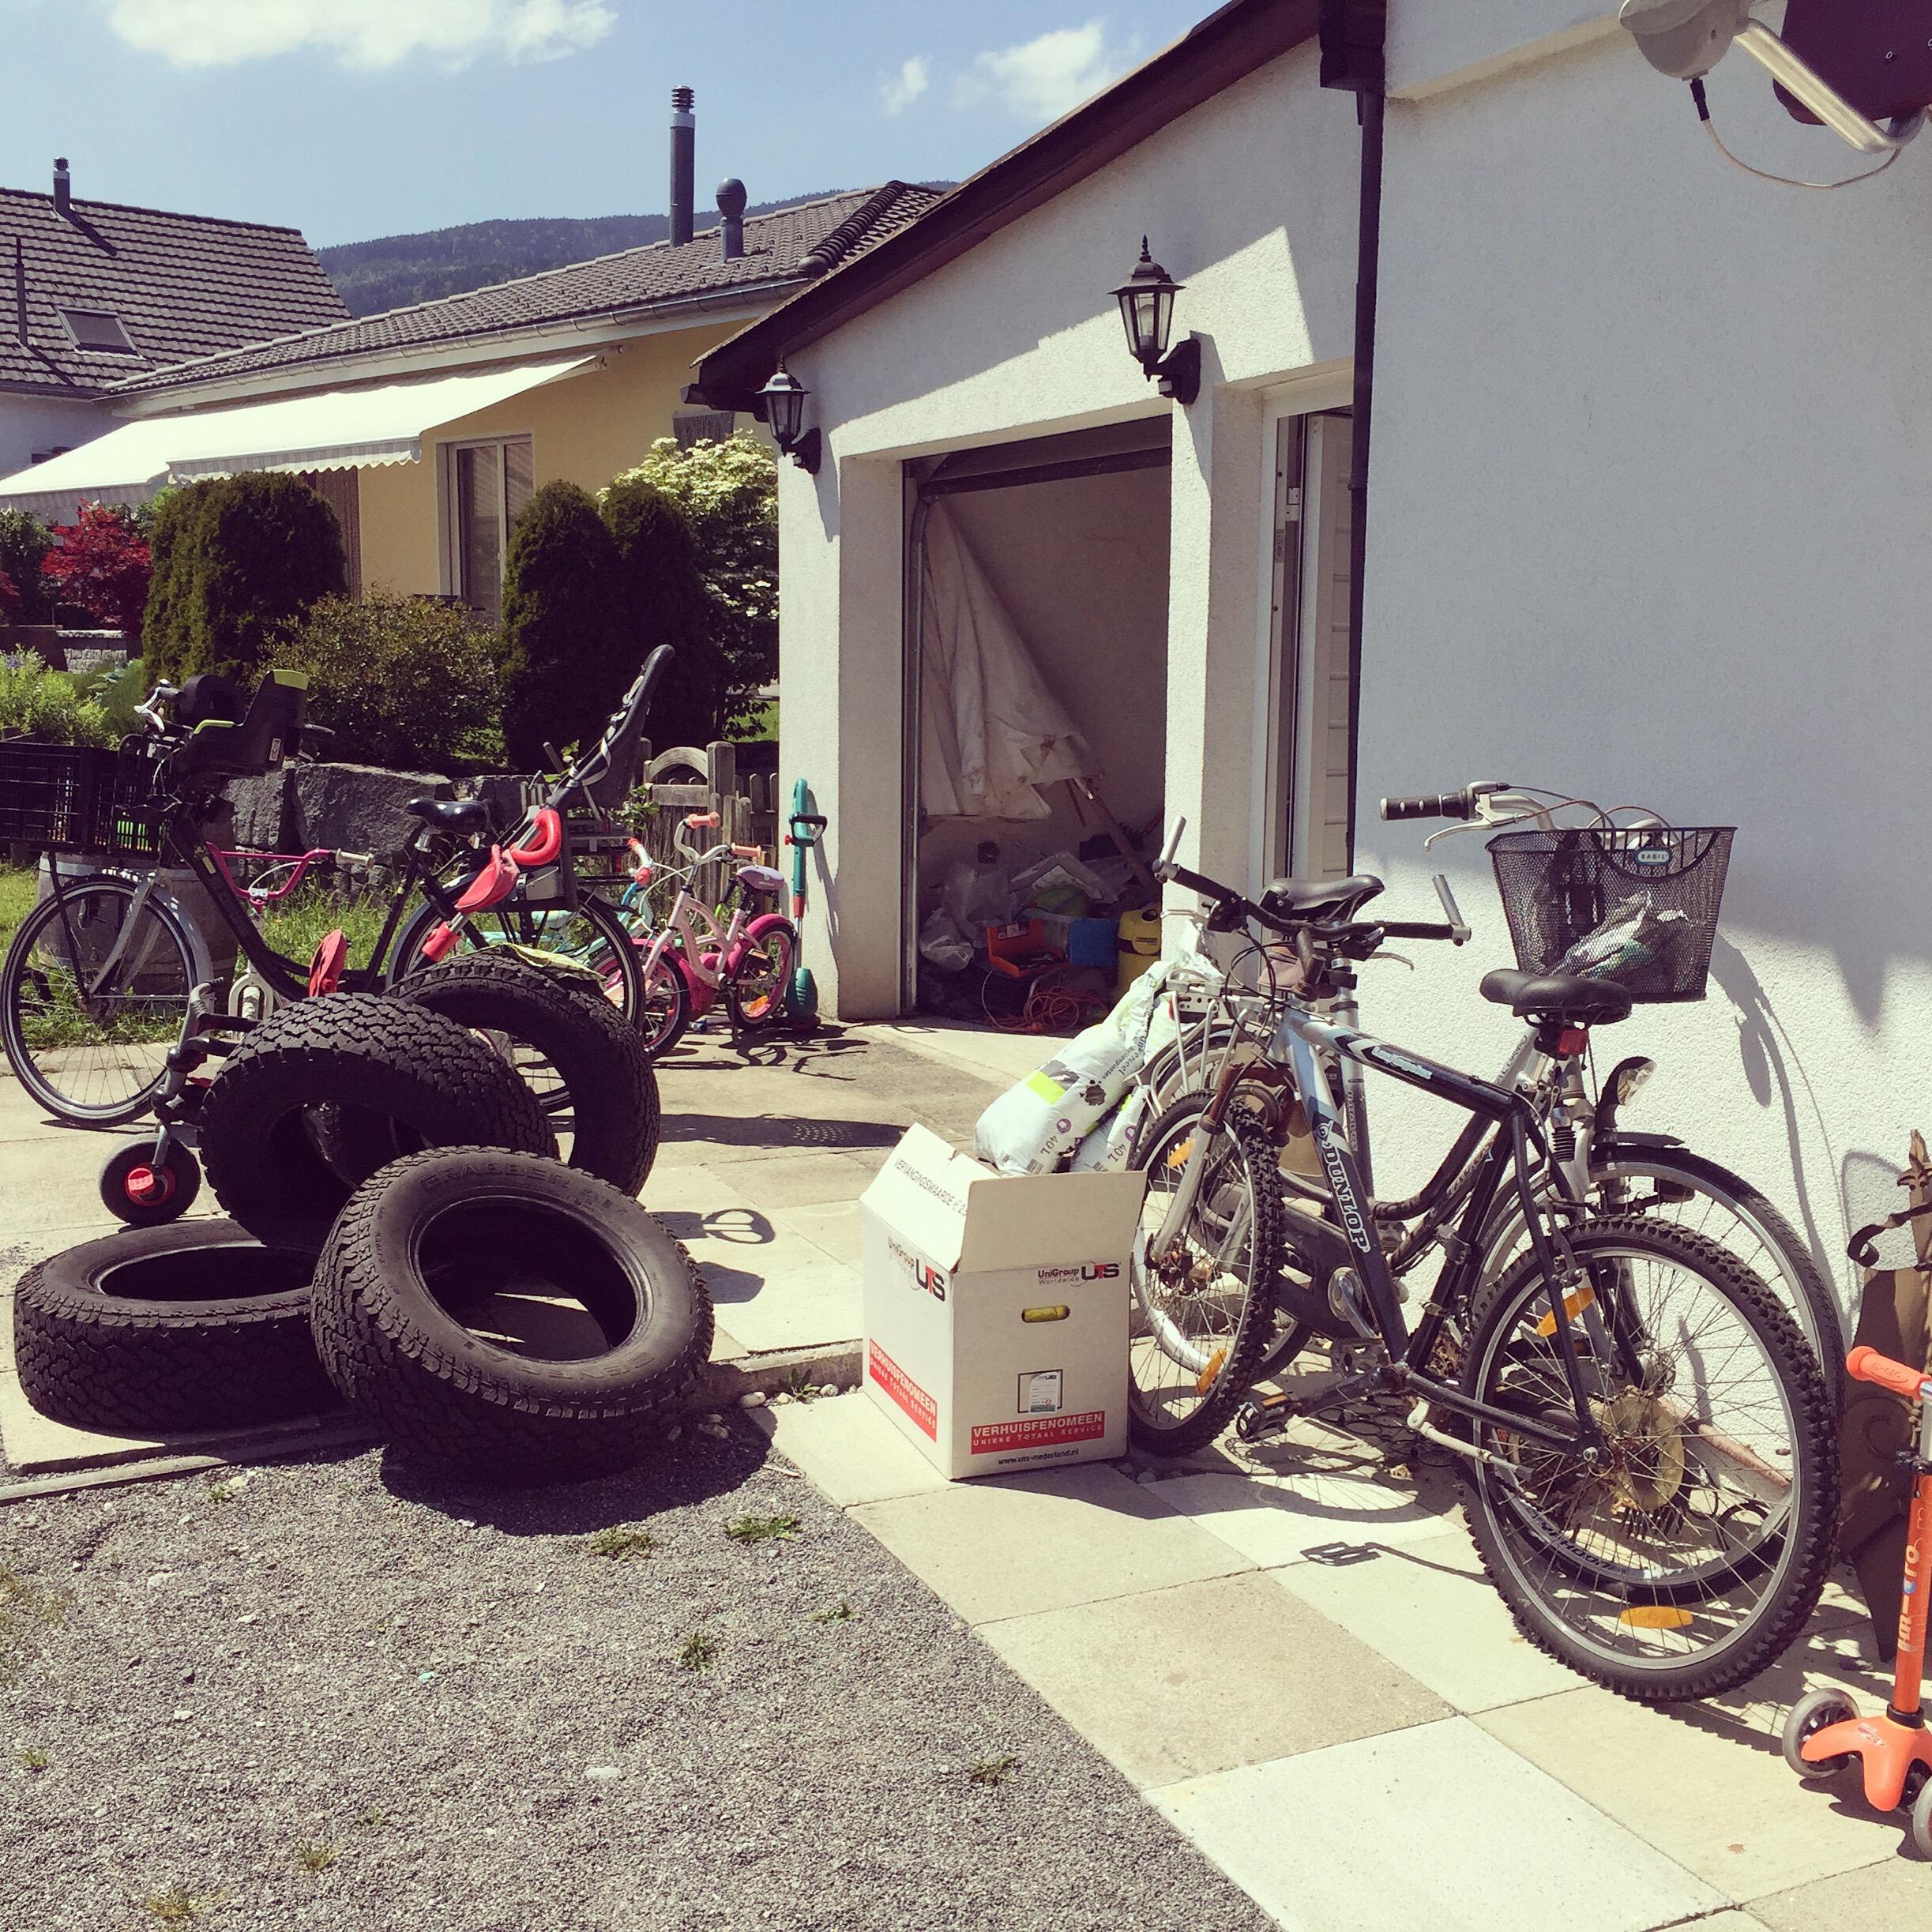 Woensdagmiddag besluit ik de garage op te ruimen. Ik kom een heel eind. Iemand nog een fiets nodig?